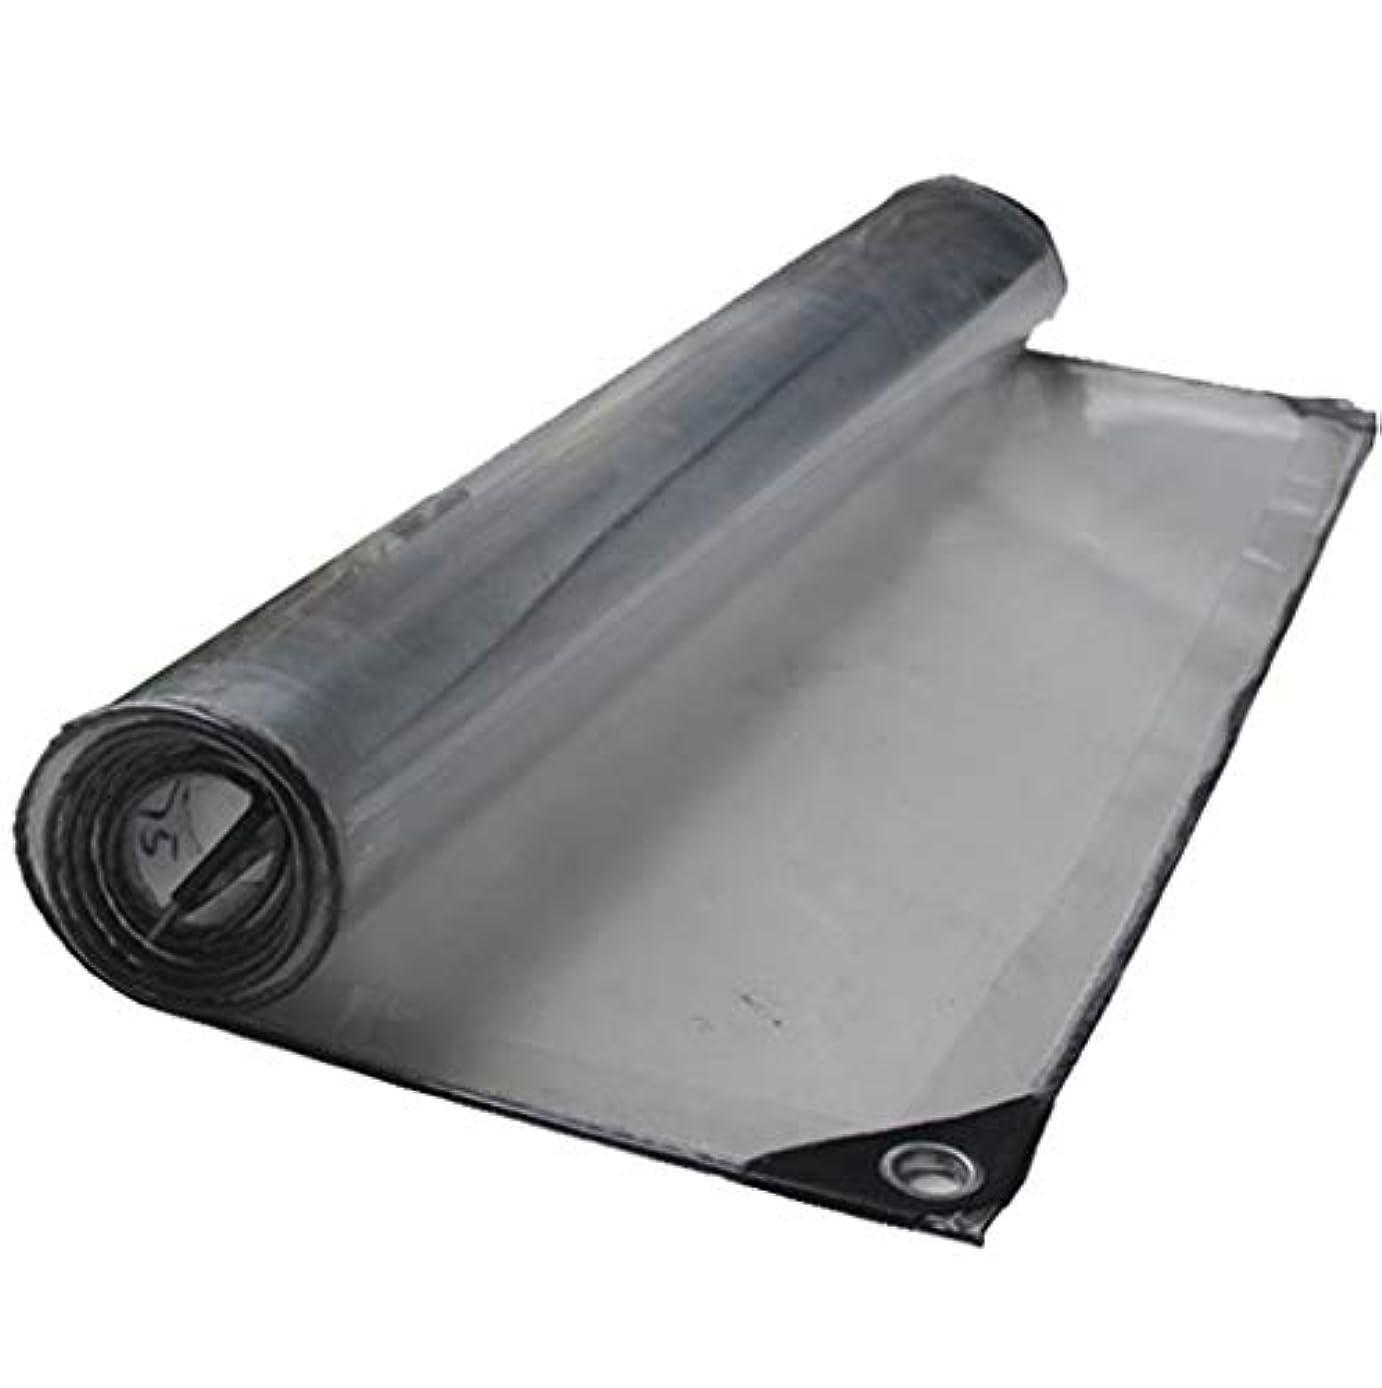 予定バブル批判的にオーニングテント ターポリン 厚い レインプルーフ防水 引き裂き防止 老化防止 折りやすい 高い光透過率 アウトドアスポーツ アースカバー